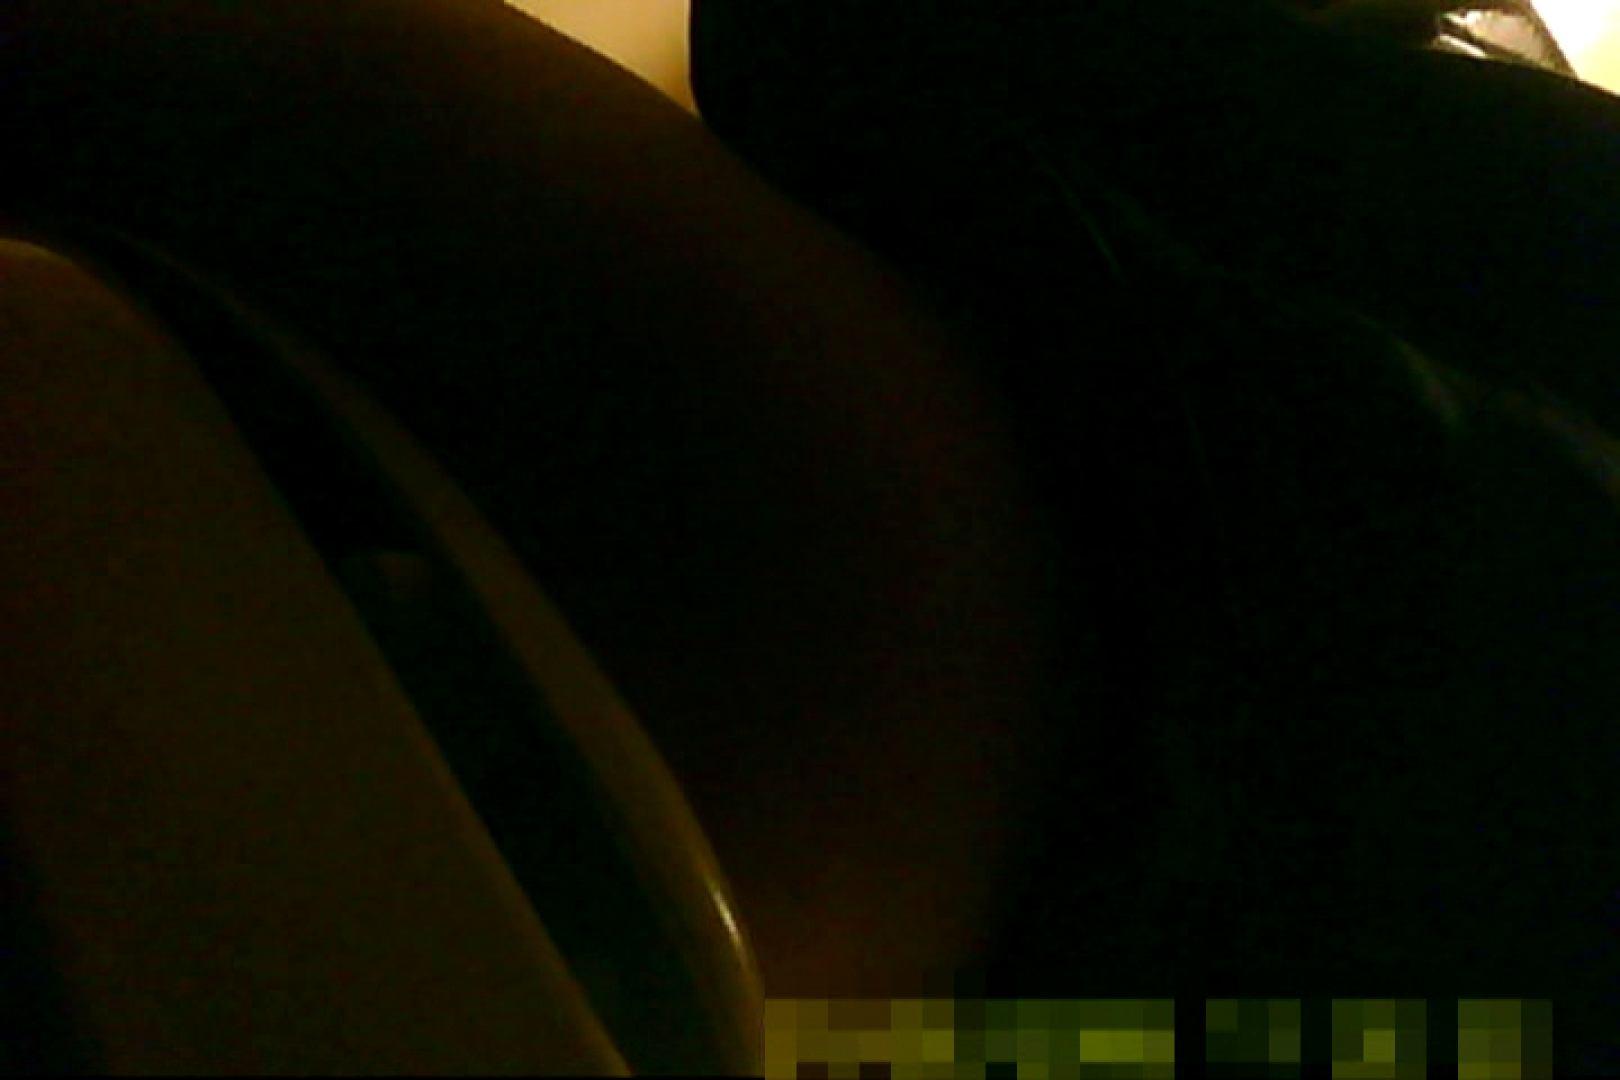 魅惑の化粧室~禁断のプライベート空間~12 プライベート映像 AV動画キャプチャ 97pic 75